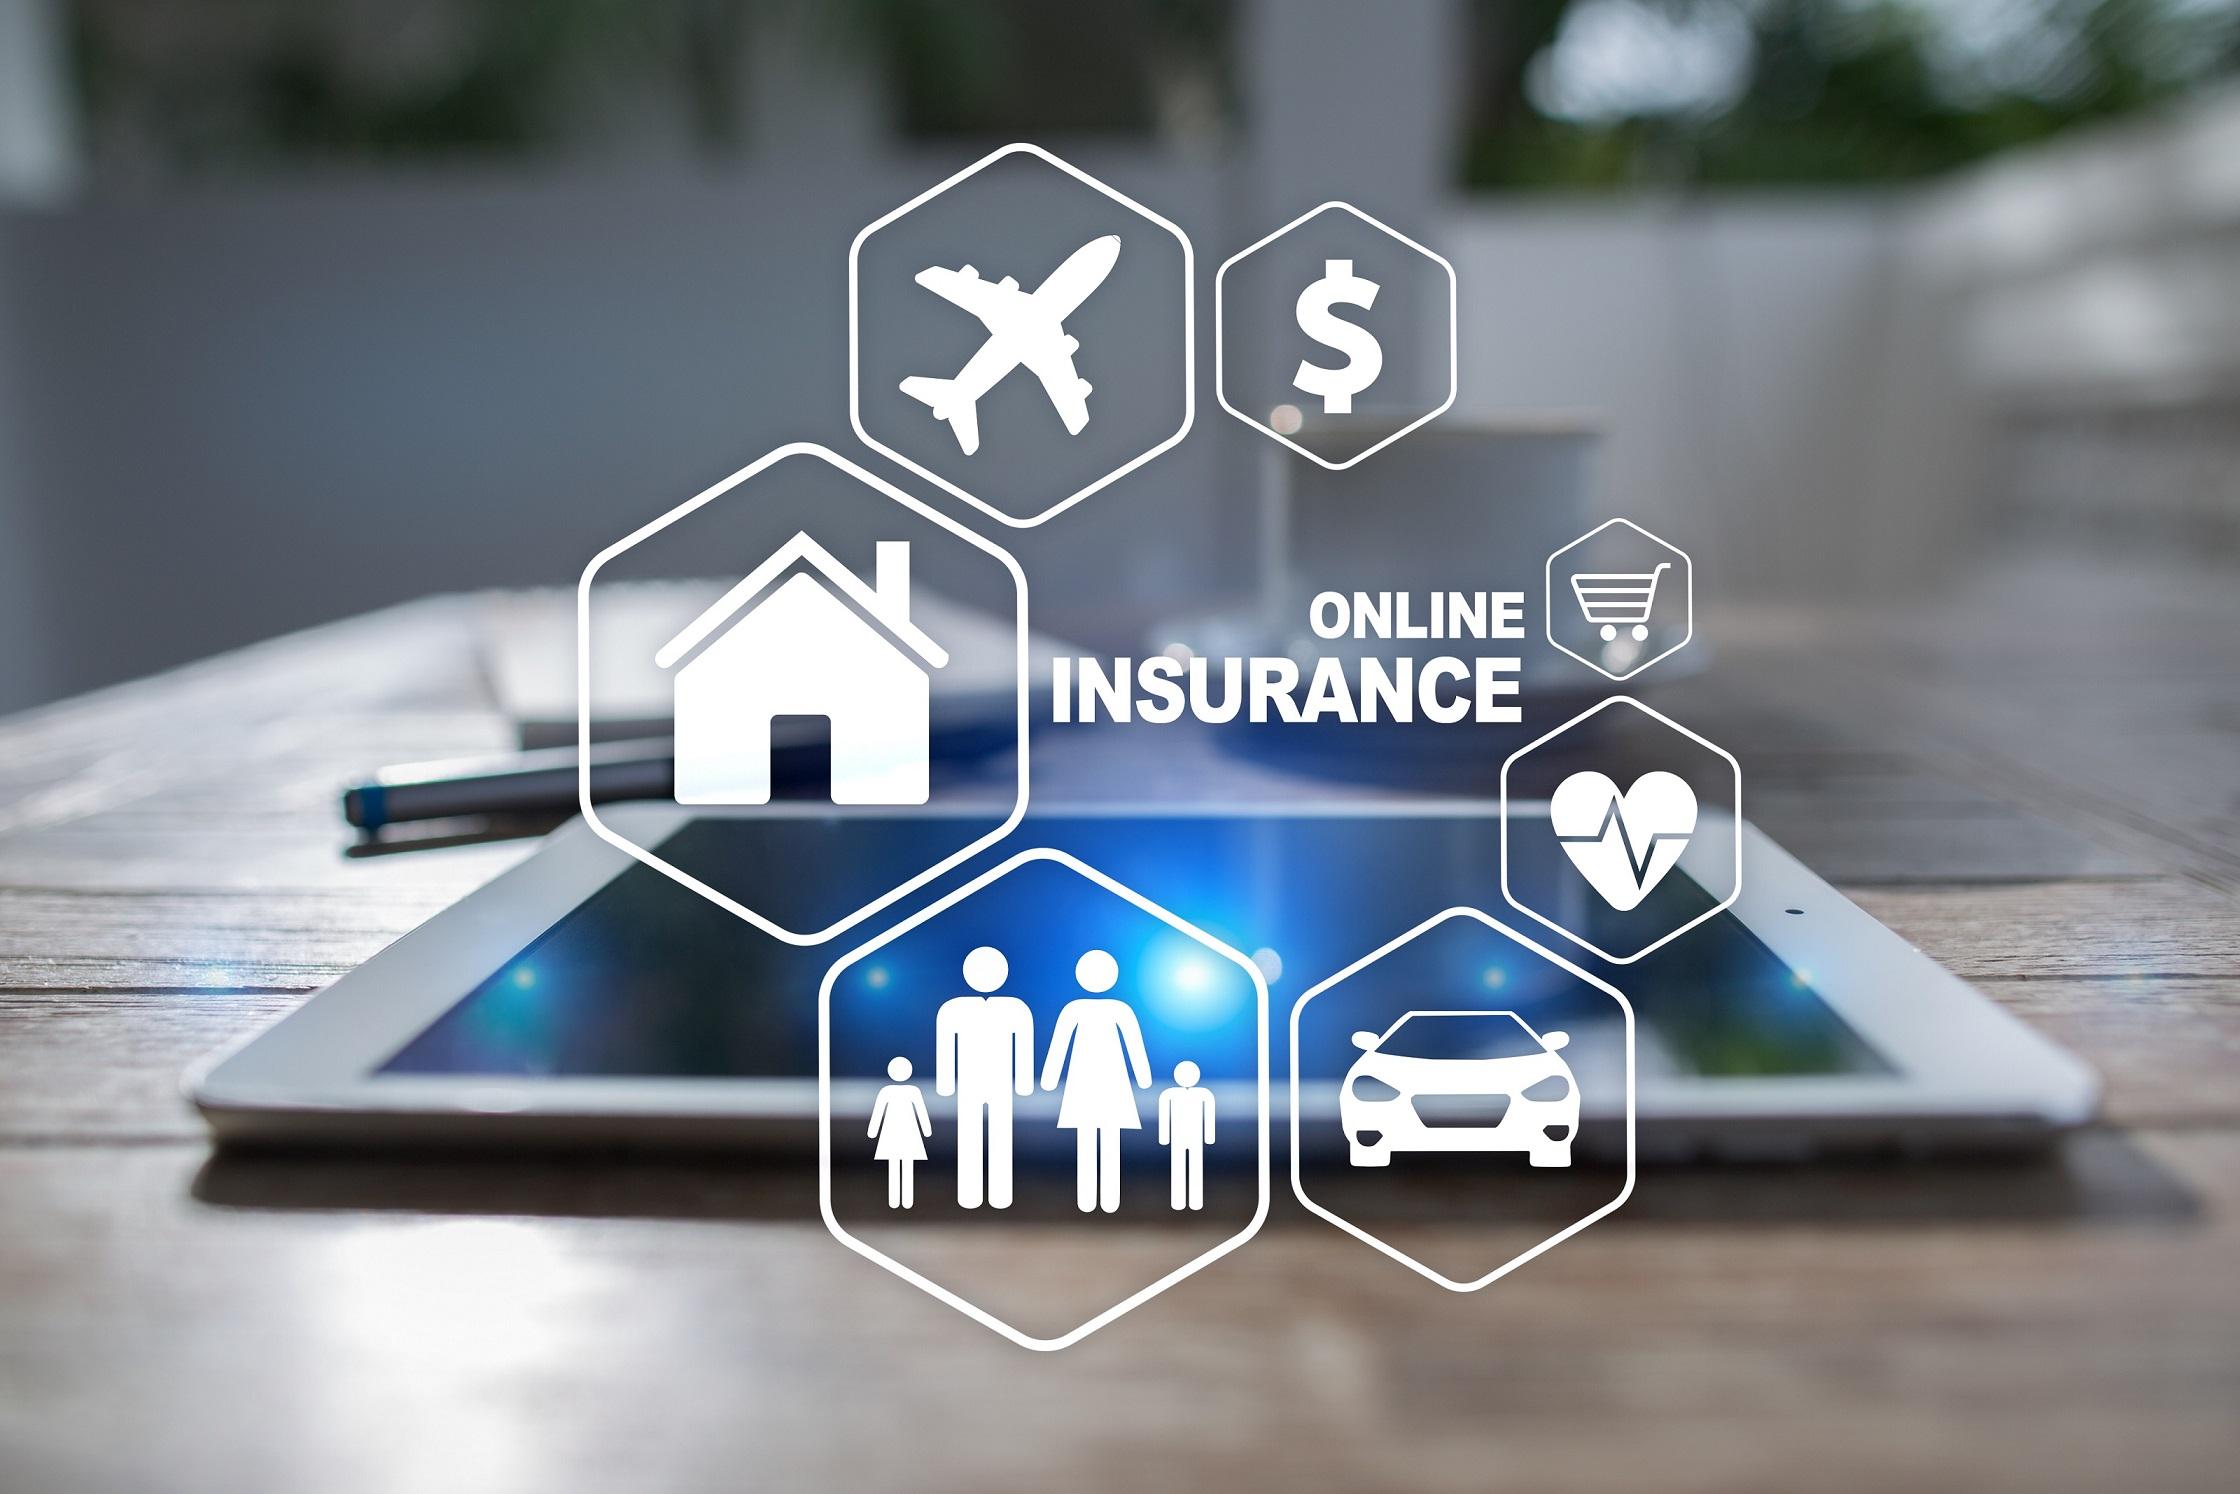 """保险线上化再推""""强心剂"""",众安科技赋能财险公司快速转型"""